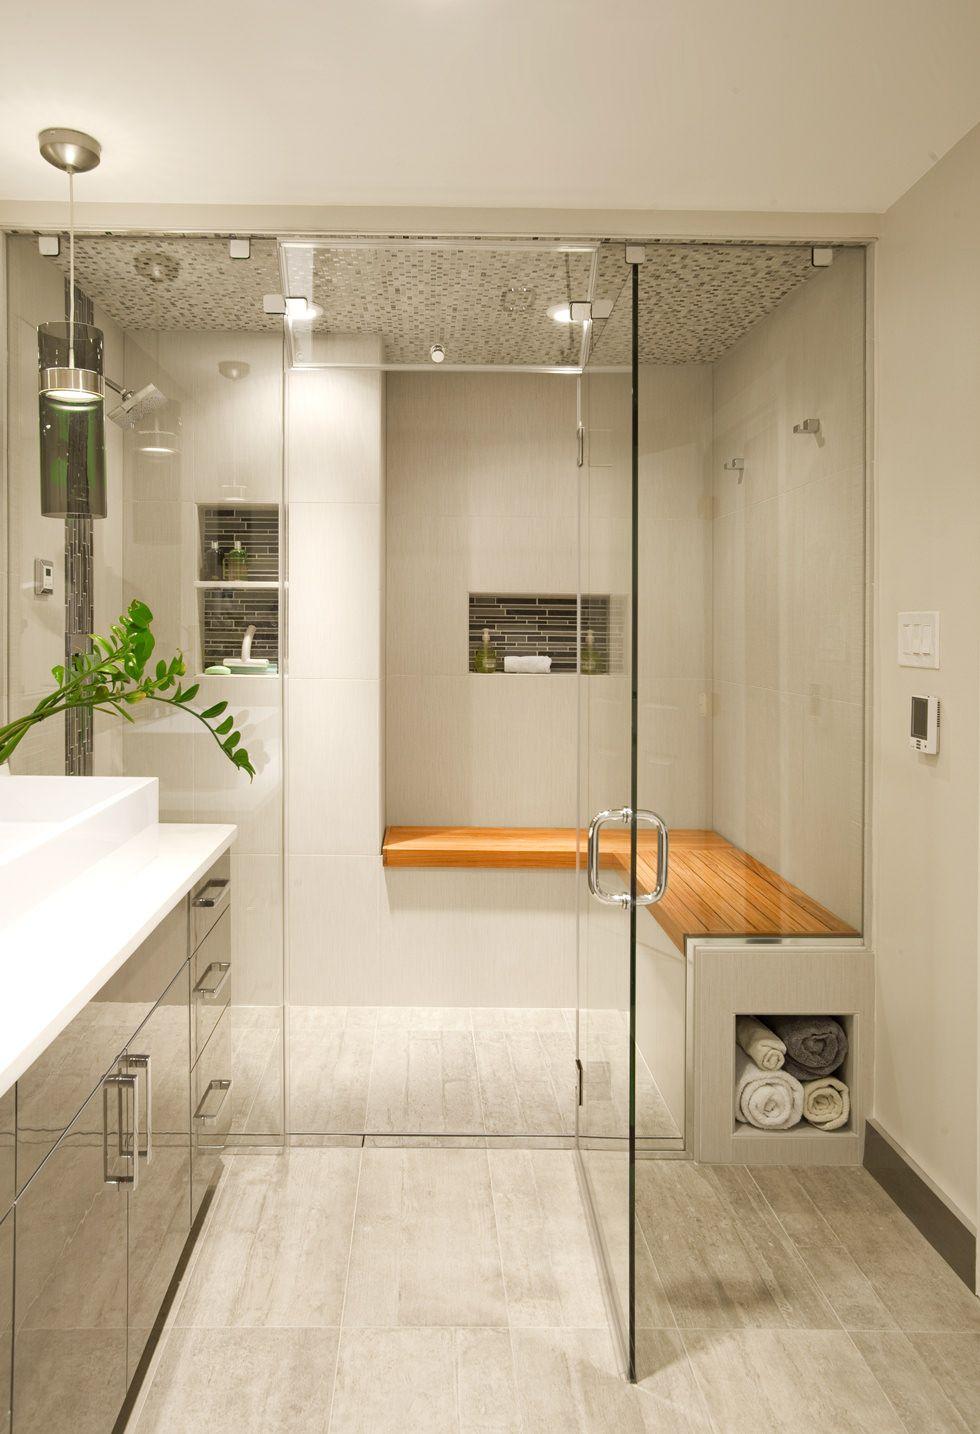 Mosaico bagno 100 idee per rivestire con stile bagni - Idee per il bagno ...